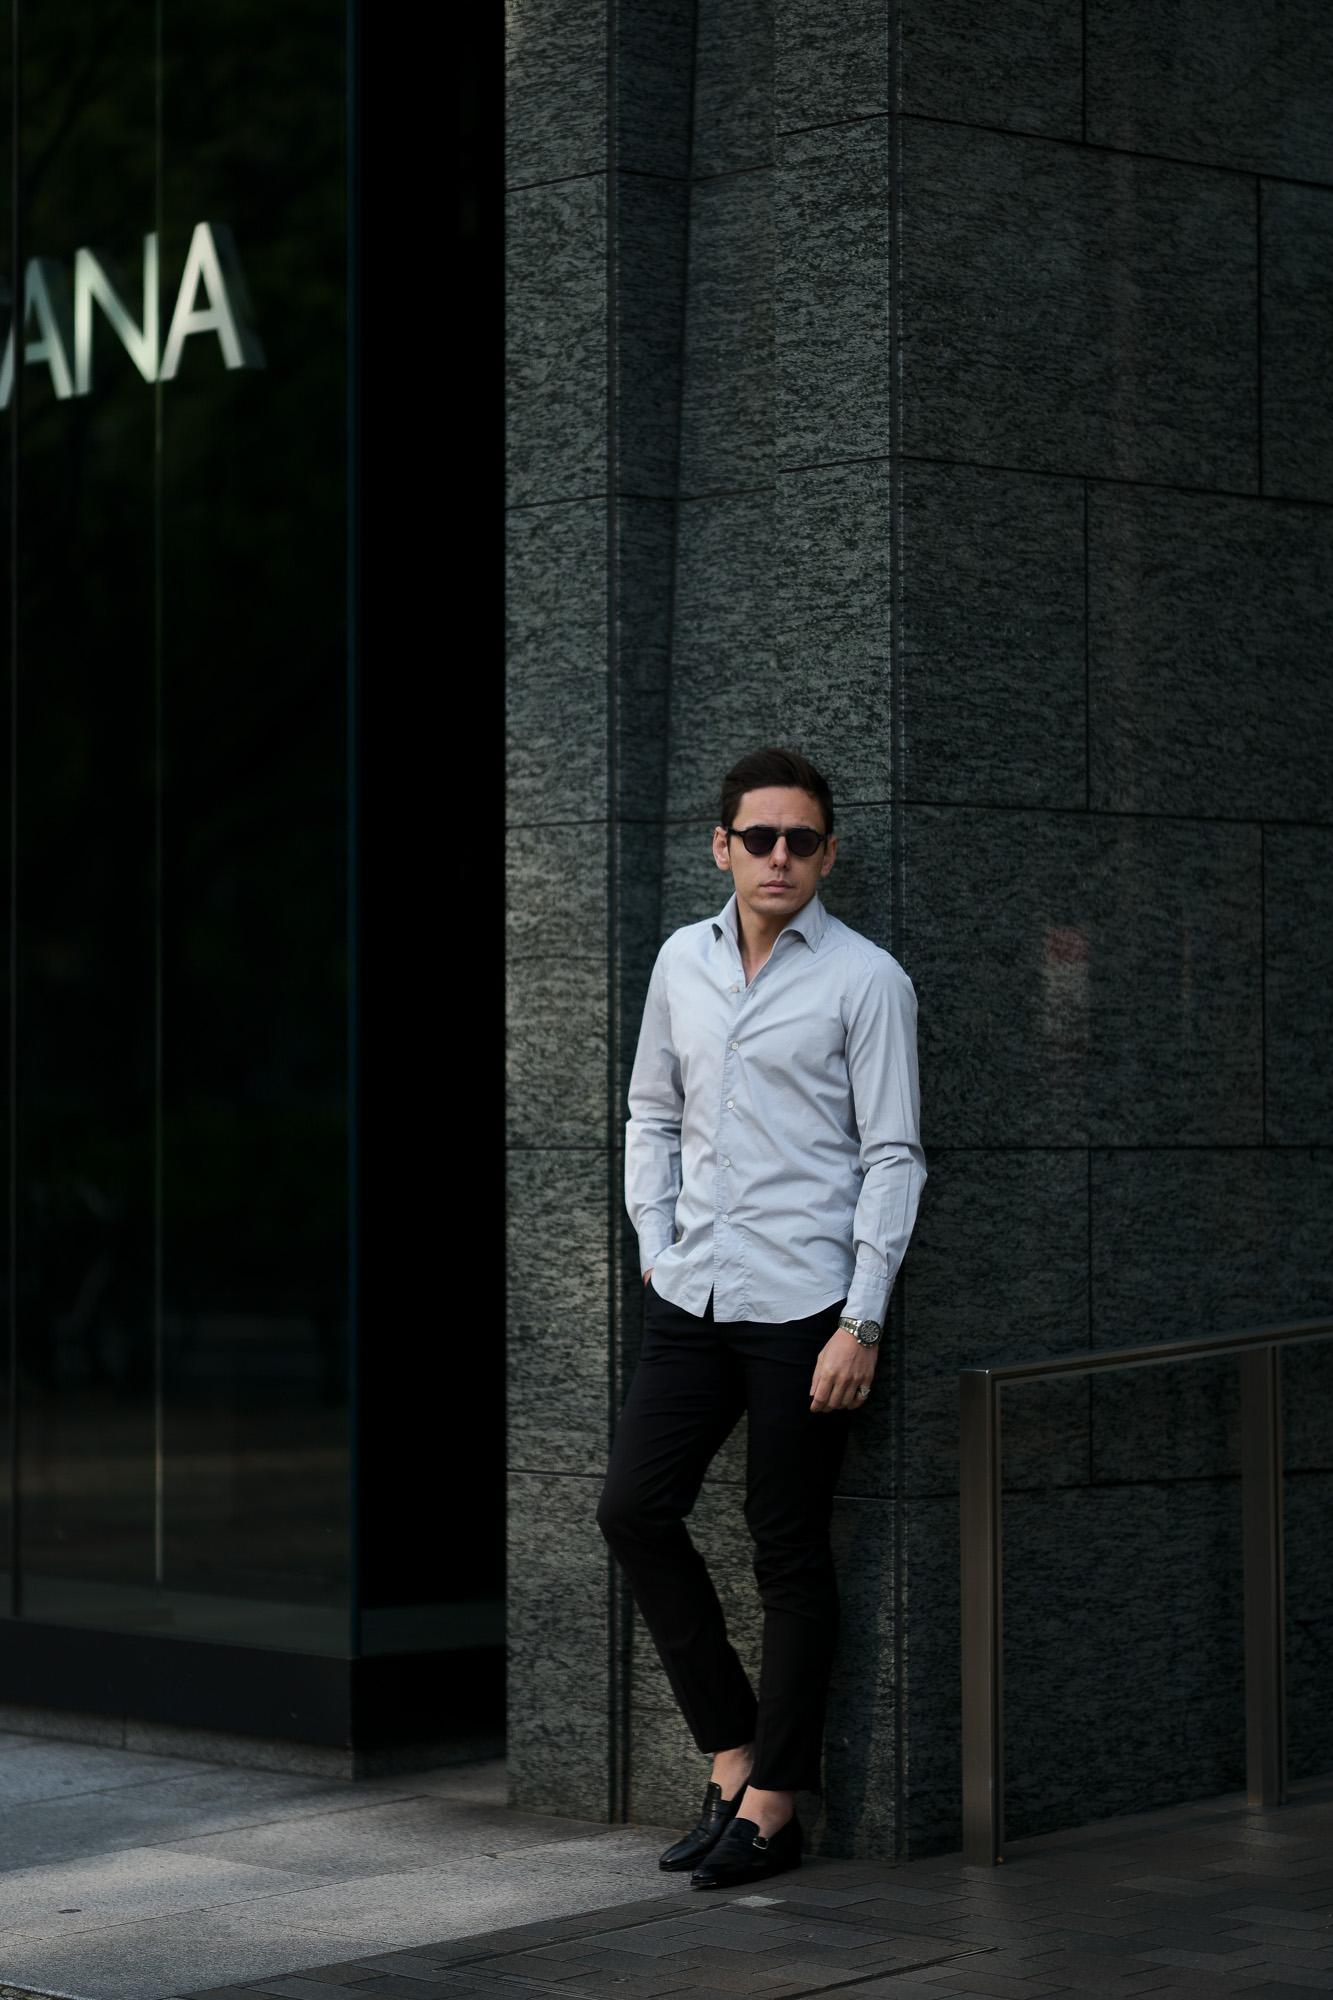 Finamore (フィナモレ) SEUL ITALIAN COLOR COTTON POPLIN SHIRTS コットンポプリン ワンピースカラー シャツ LIGHT GRAY (ライトグレー・41) made in italy (イタリア製) 2020 春夏新作 愛知 名古屋 altoediritto アルトエデリット